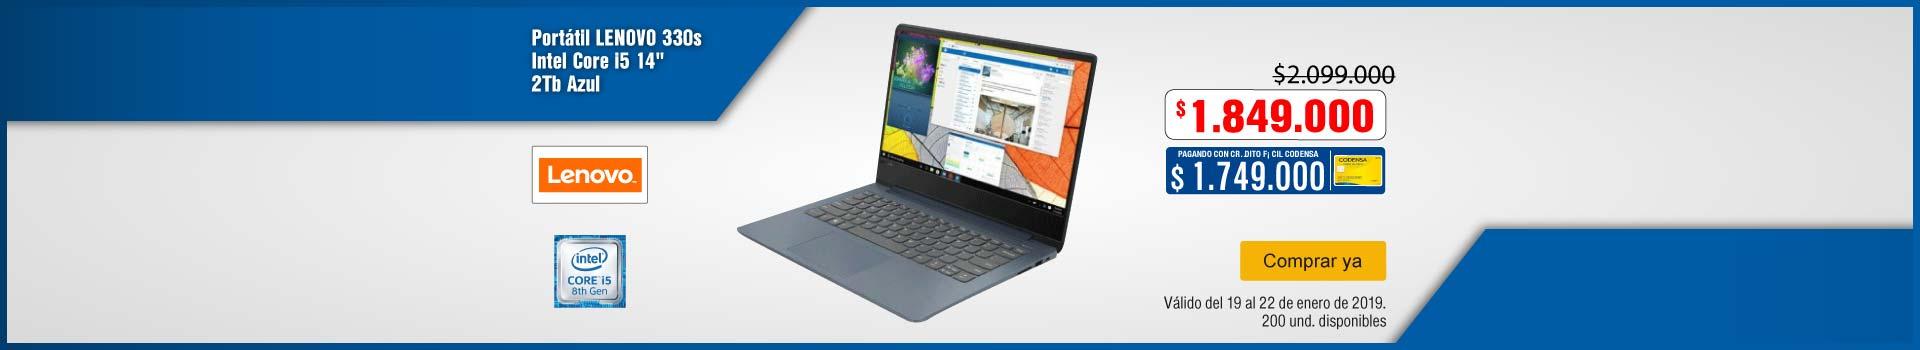 AK-KT-BCAT-4-computadores y tablets-PP---lenovo-Portátil 330s i5-ene19